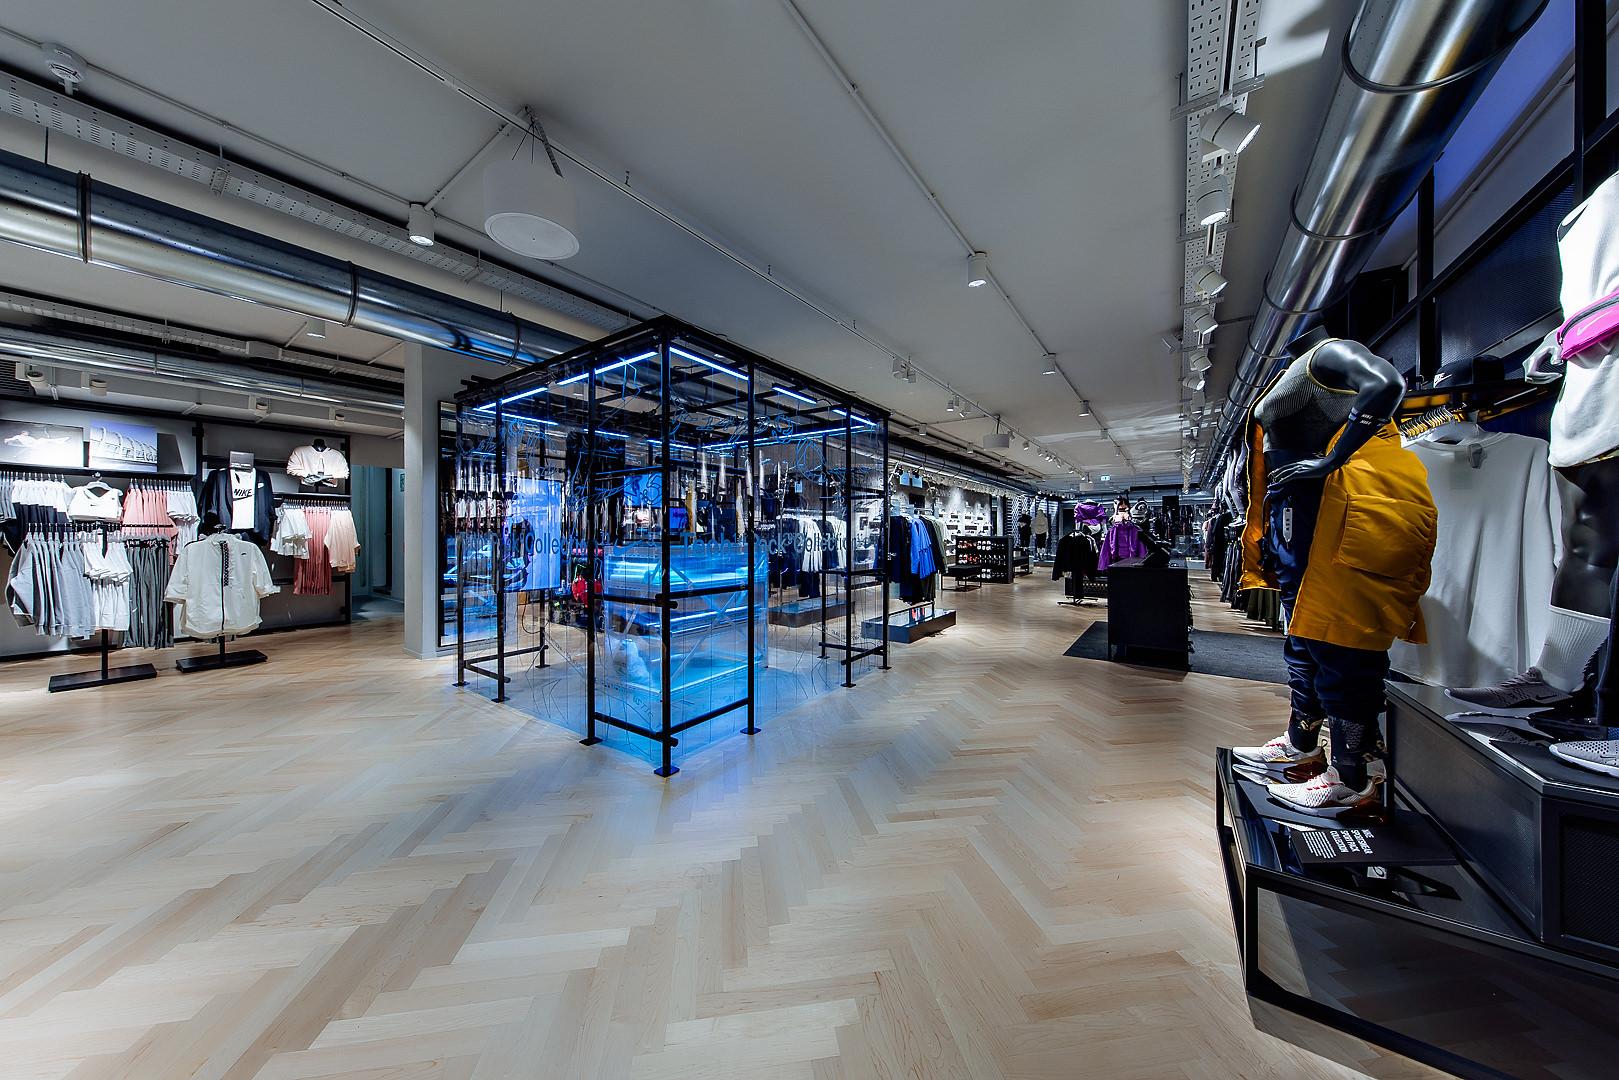 2018_09_14_Nike_Store_CVE_0014.jpg